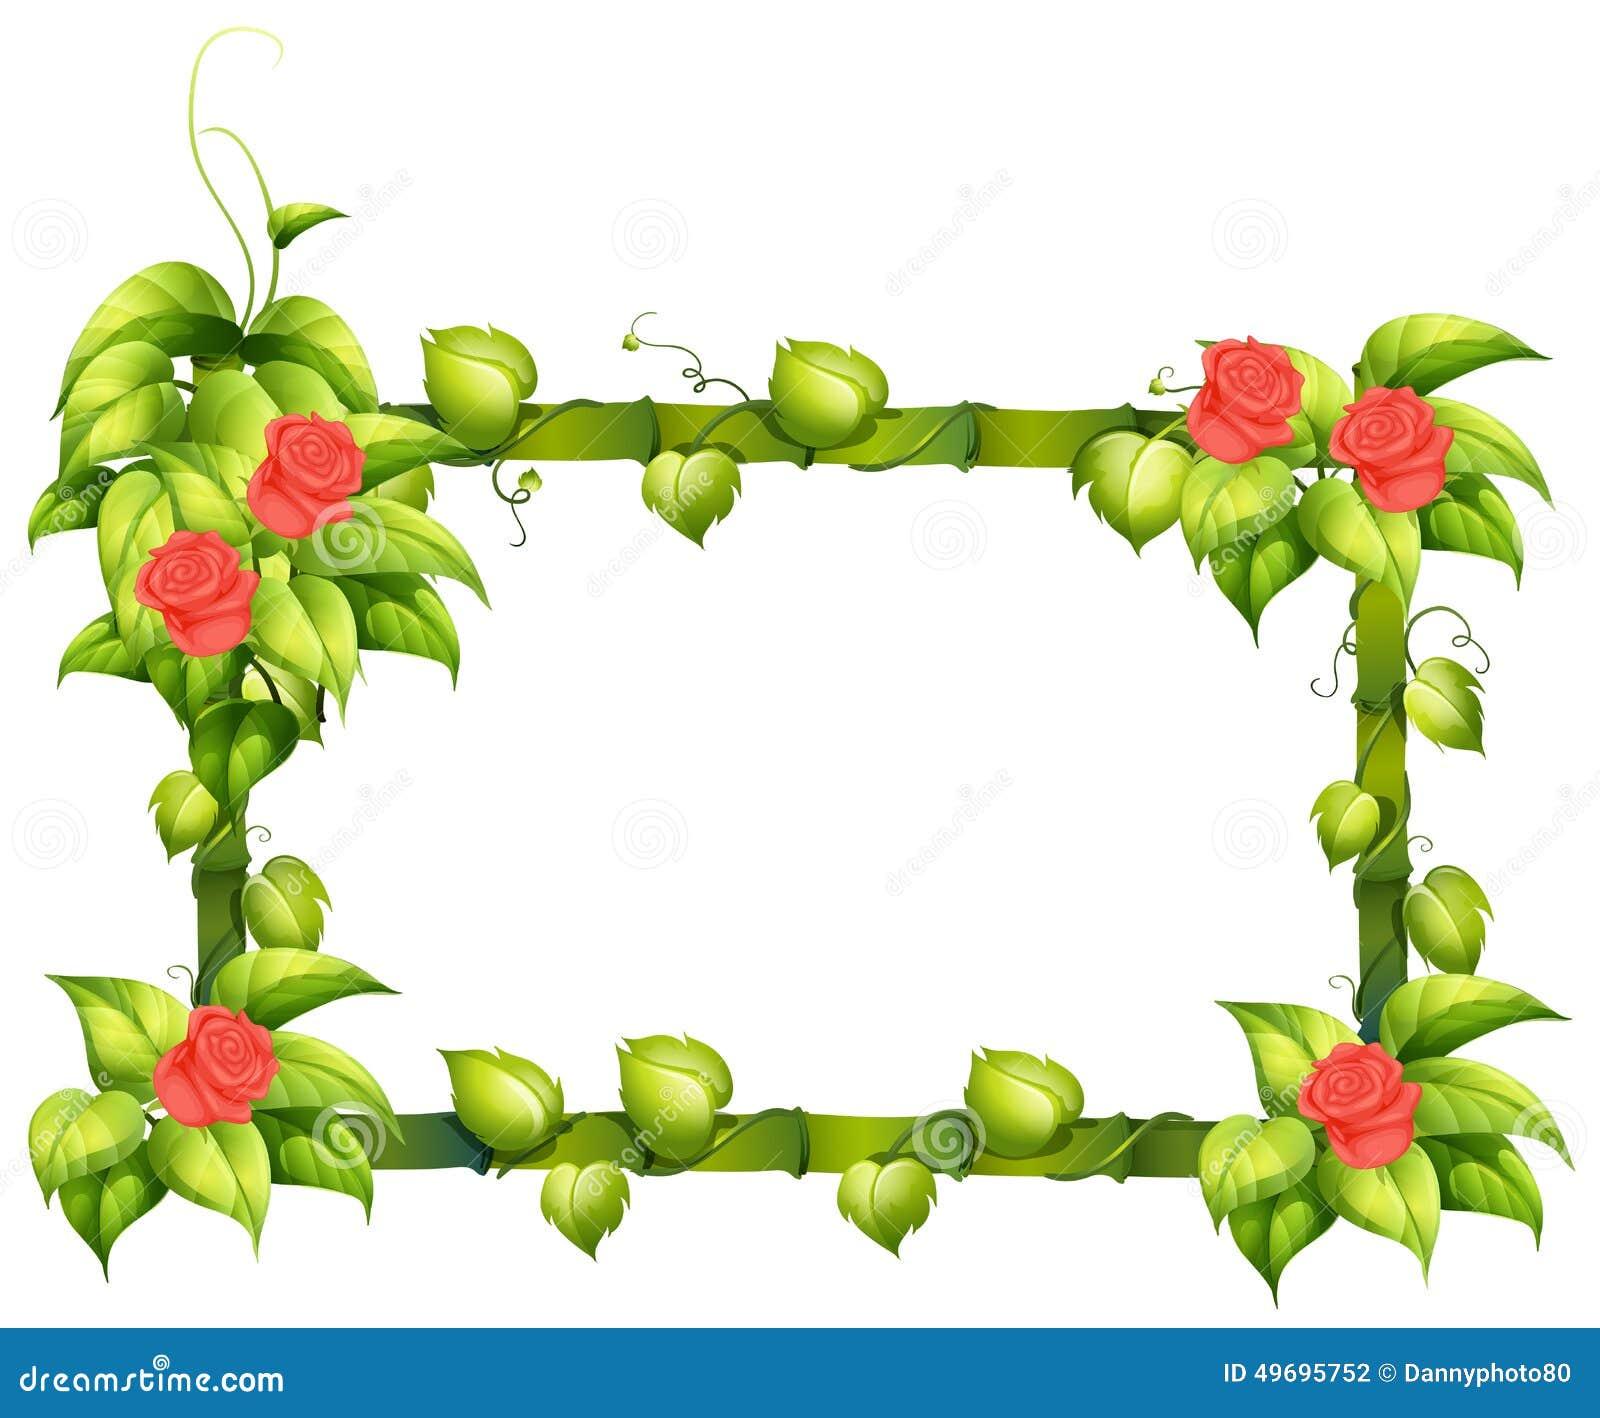 a floral border design stock vector illustration of artwork 49695752